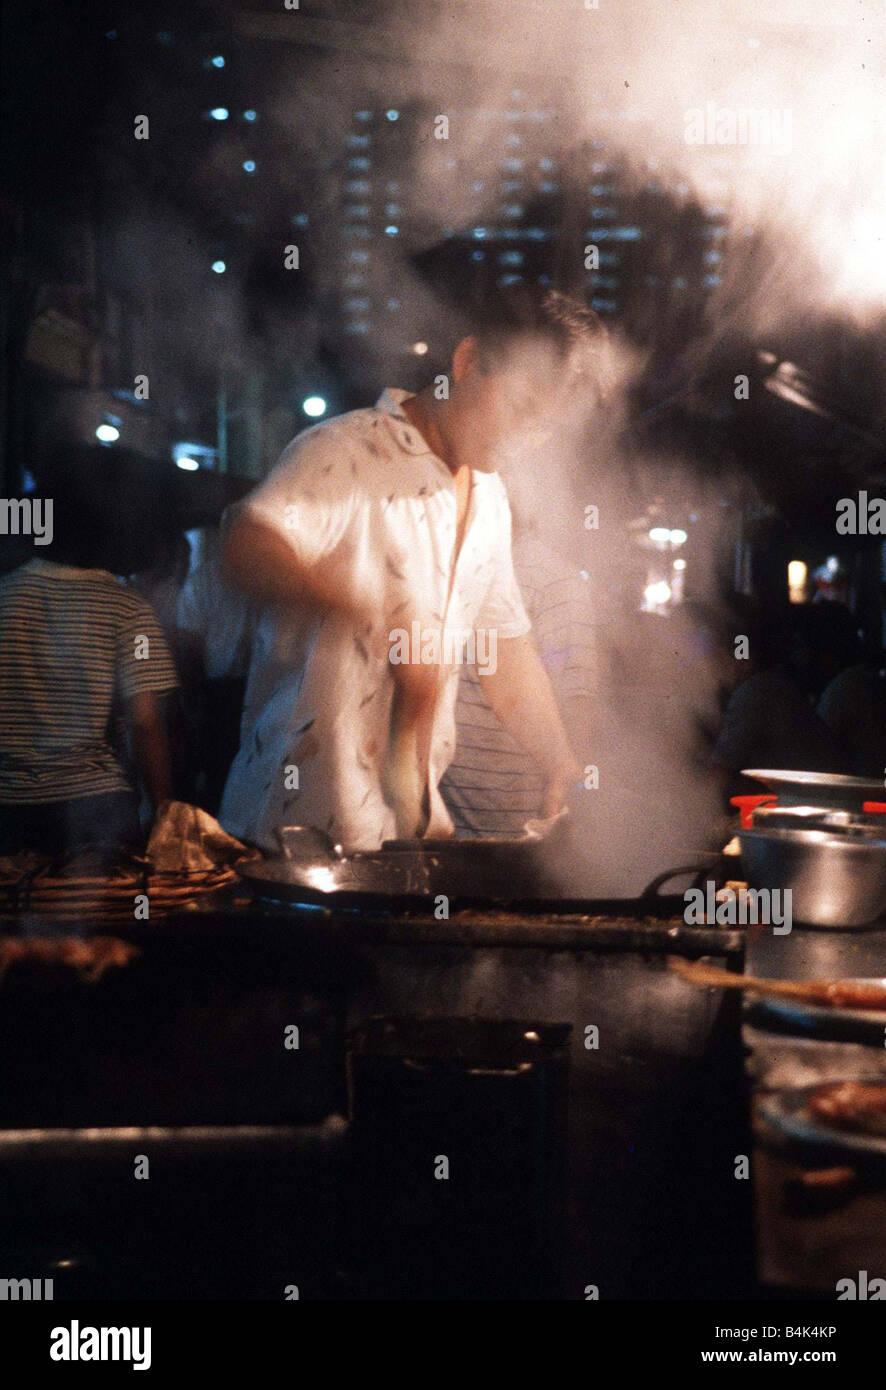 Hawker engloutie dans la vapeur comme il cuit les aliments dans le vieux quartier de Bugis Street Singapore circa Banque D'Images